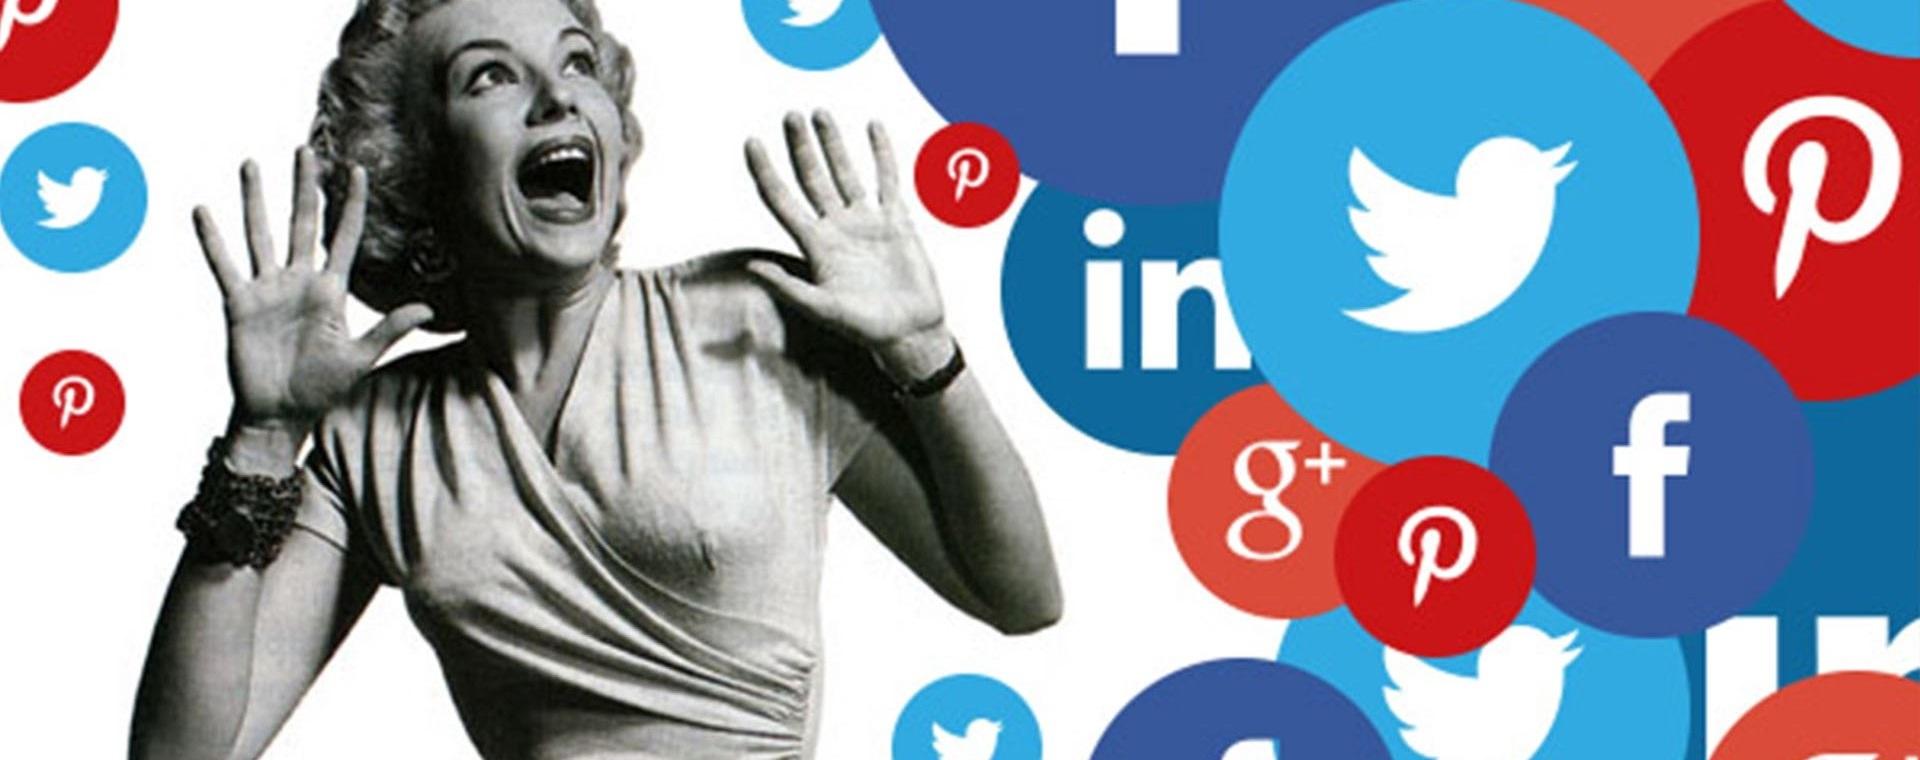 sosyal-medyada-begeni-almak-neden-bu-kadar-onemli